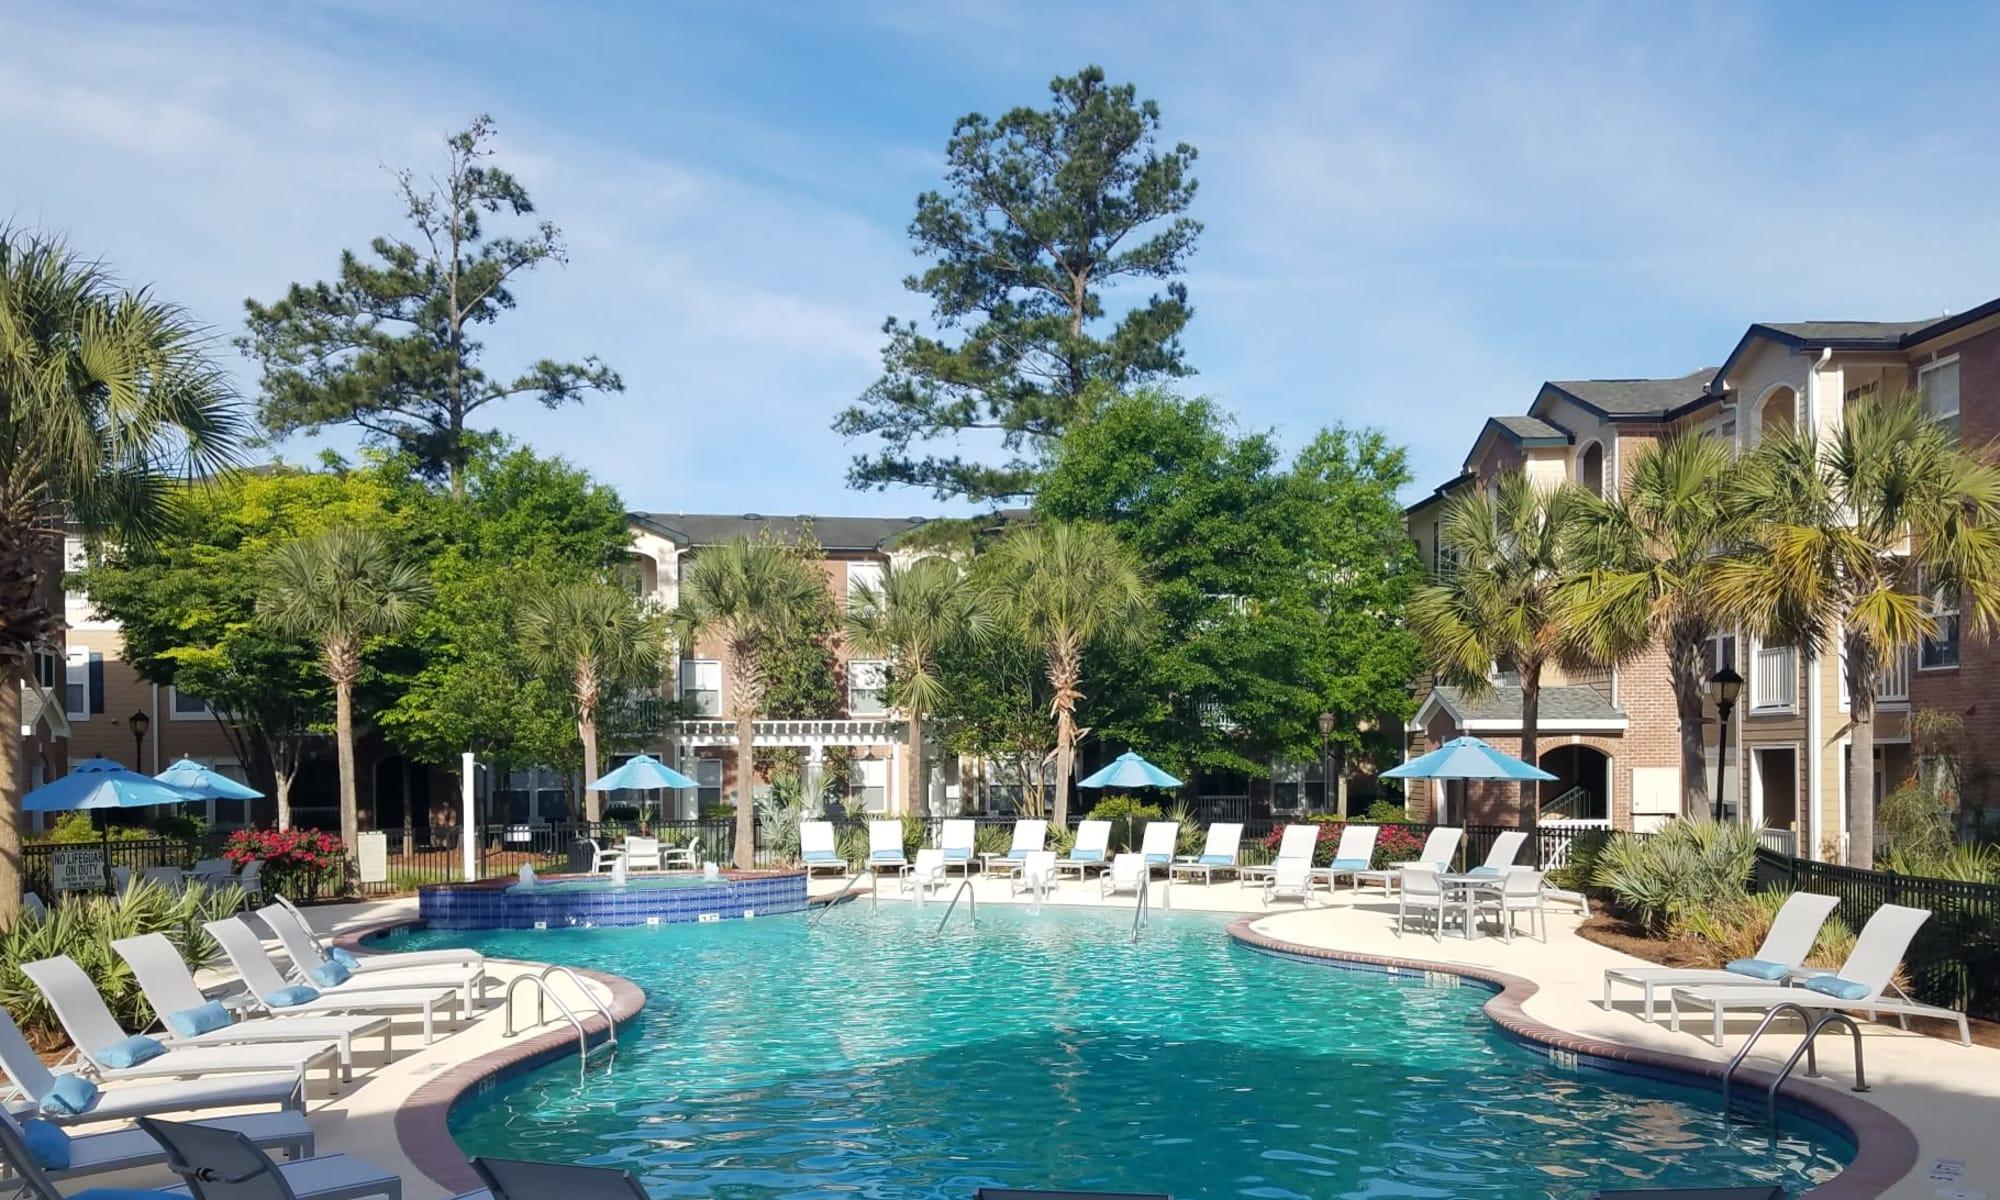 Apartments at Ingleside Plantation Apartments in North Charleston, South Carolina